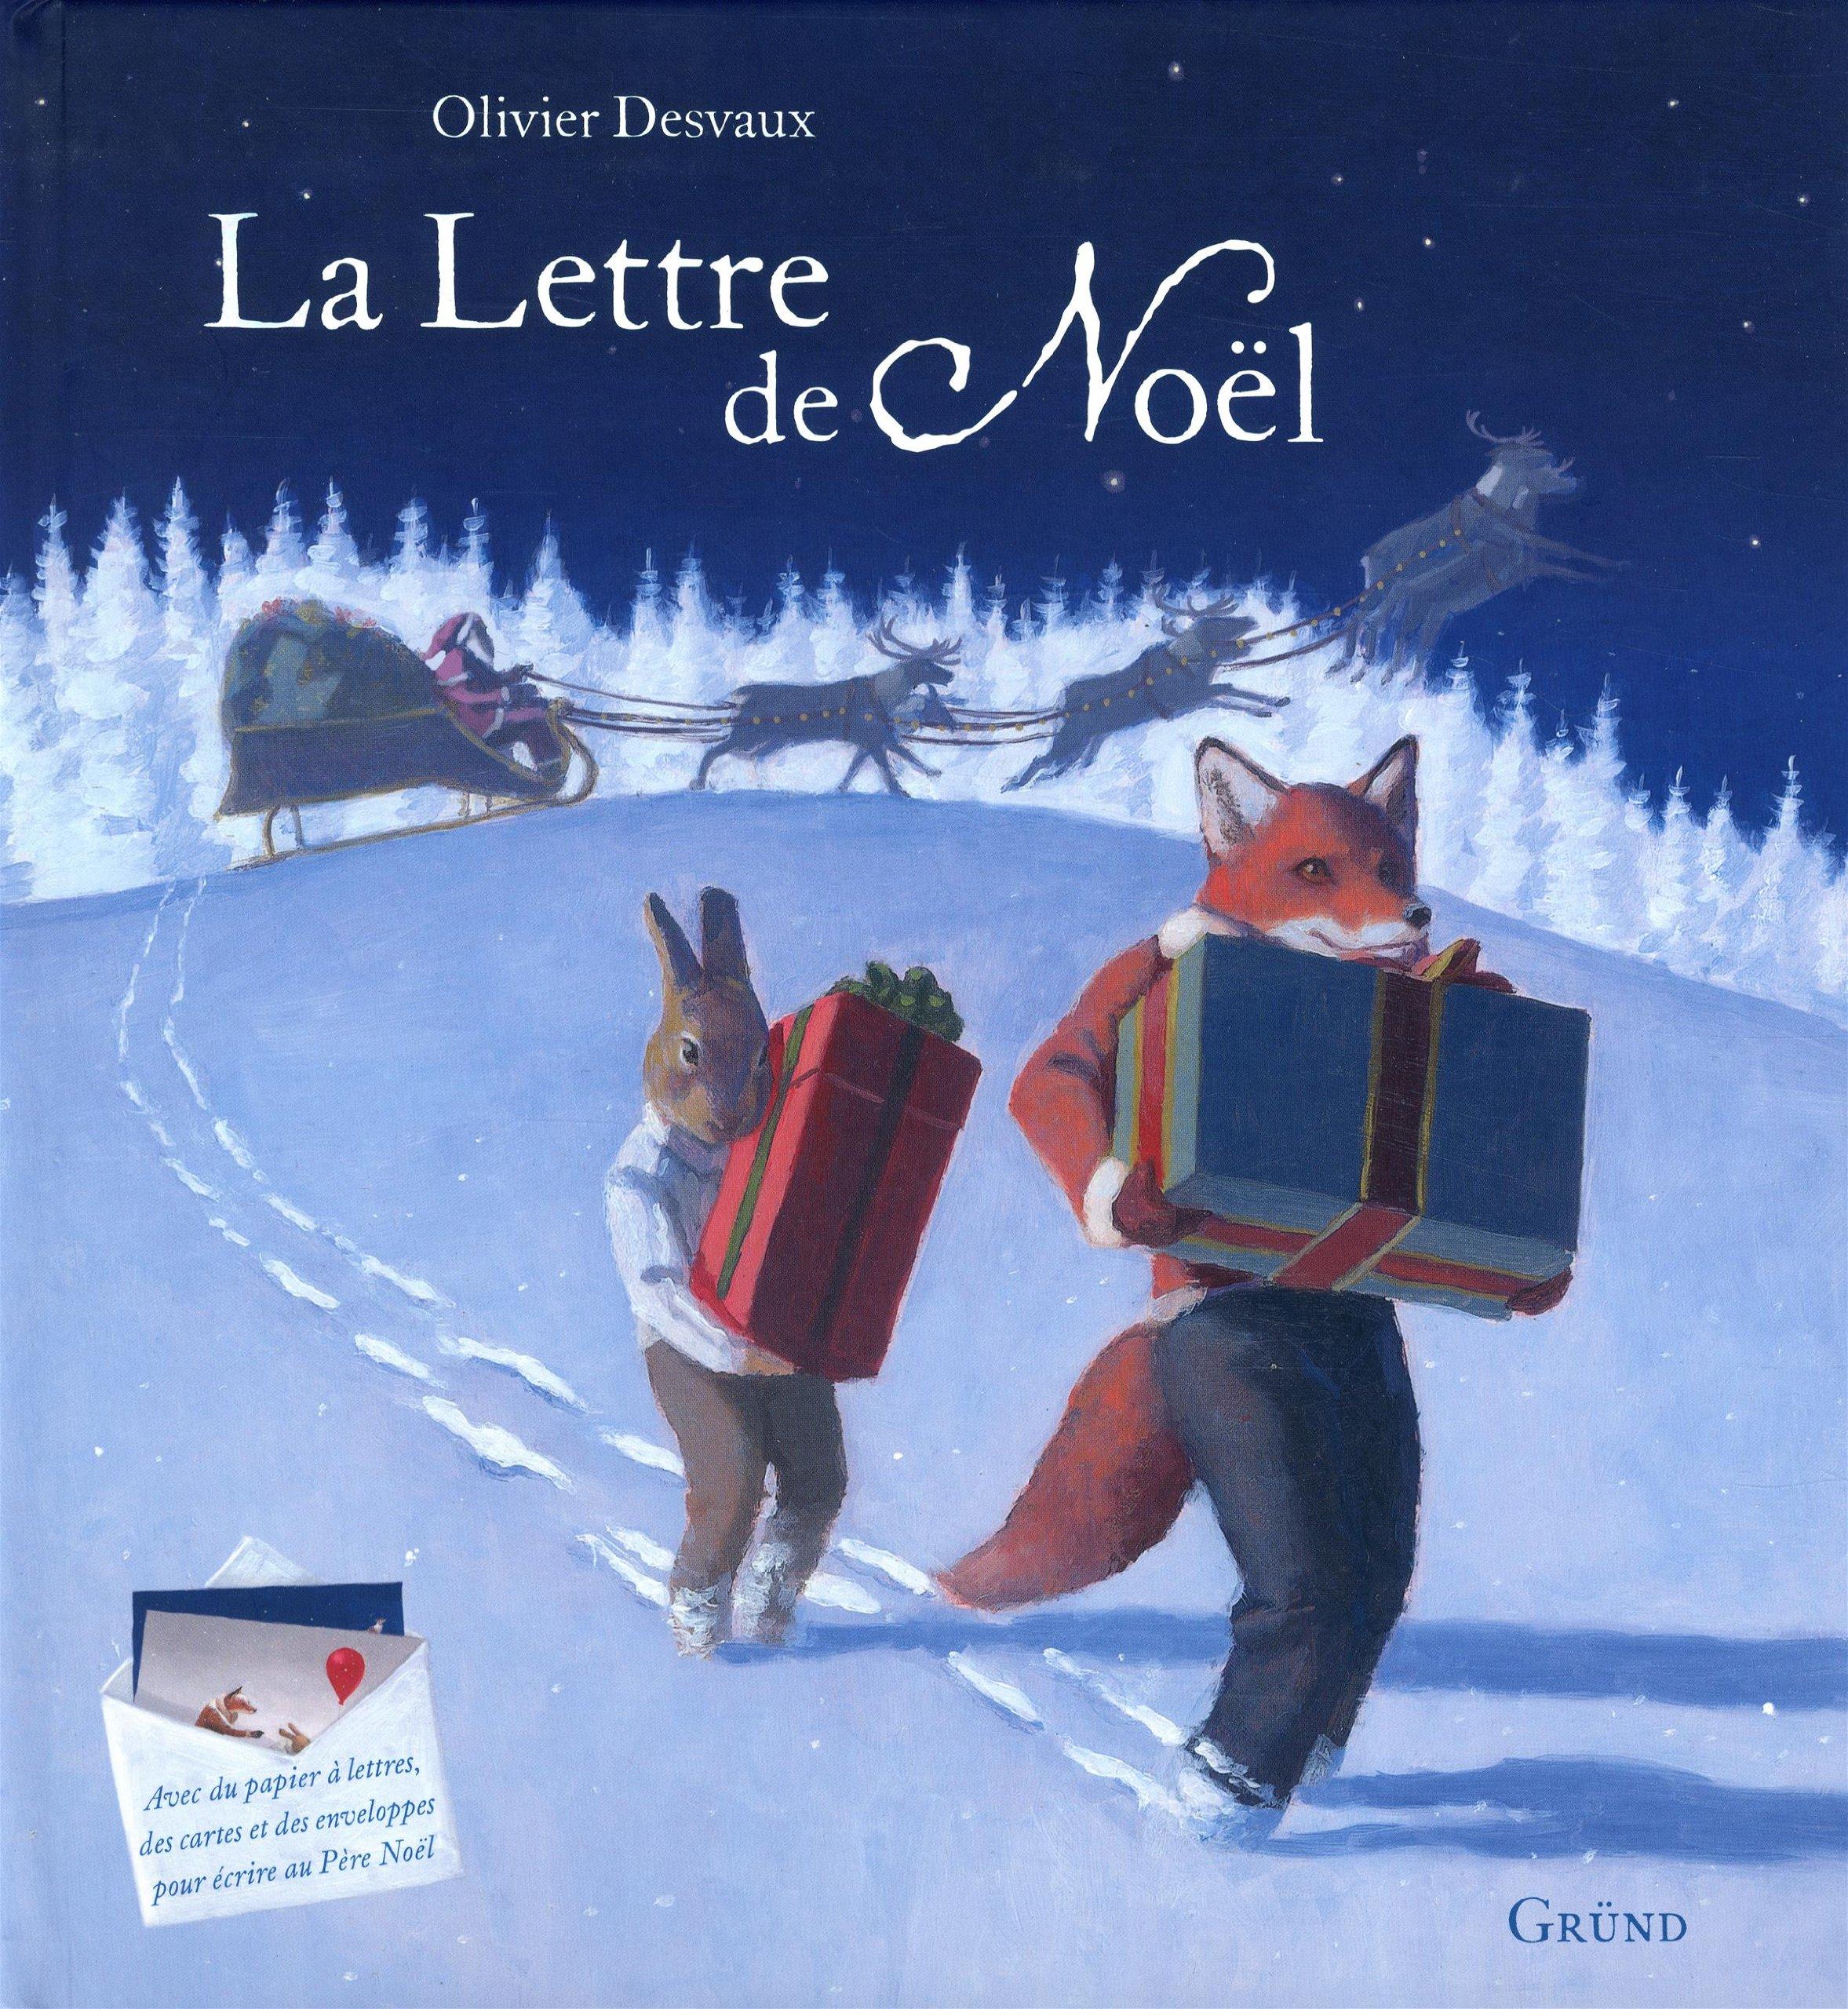 Lettre De Noel La lettre de Noël (French Edition): Desvaux, Olivier